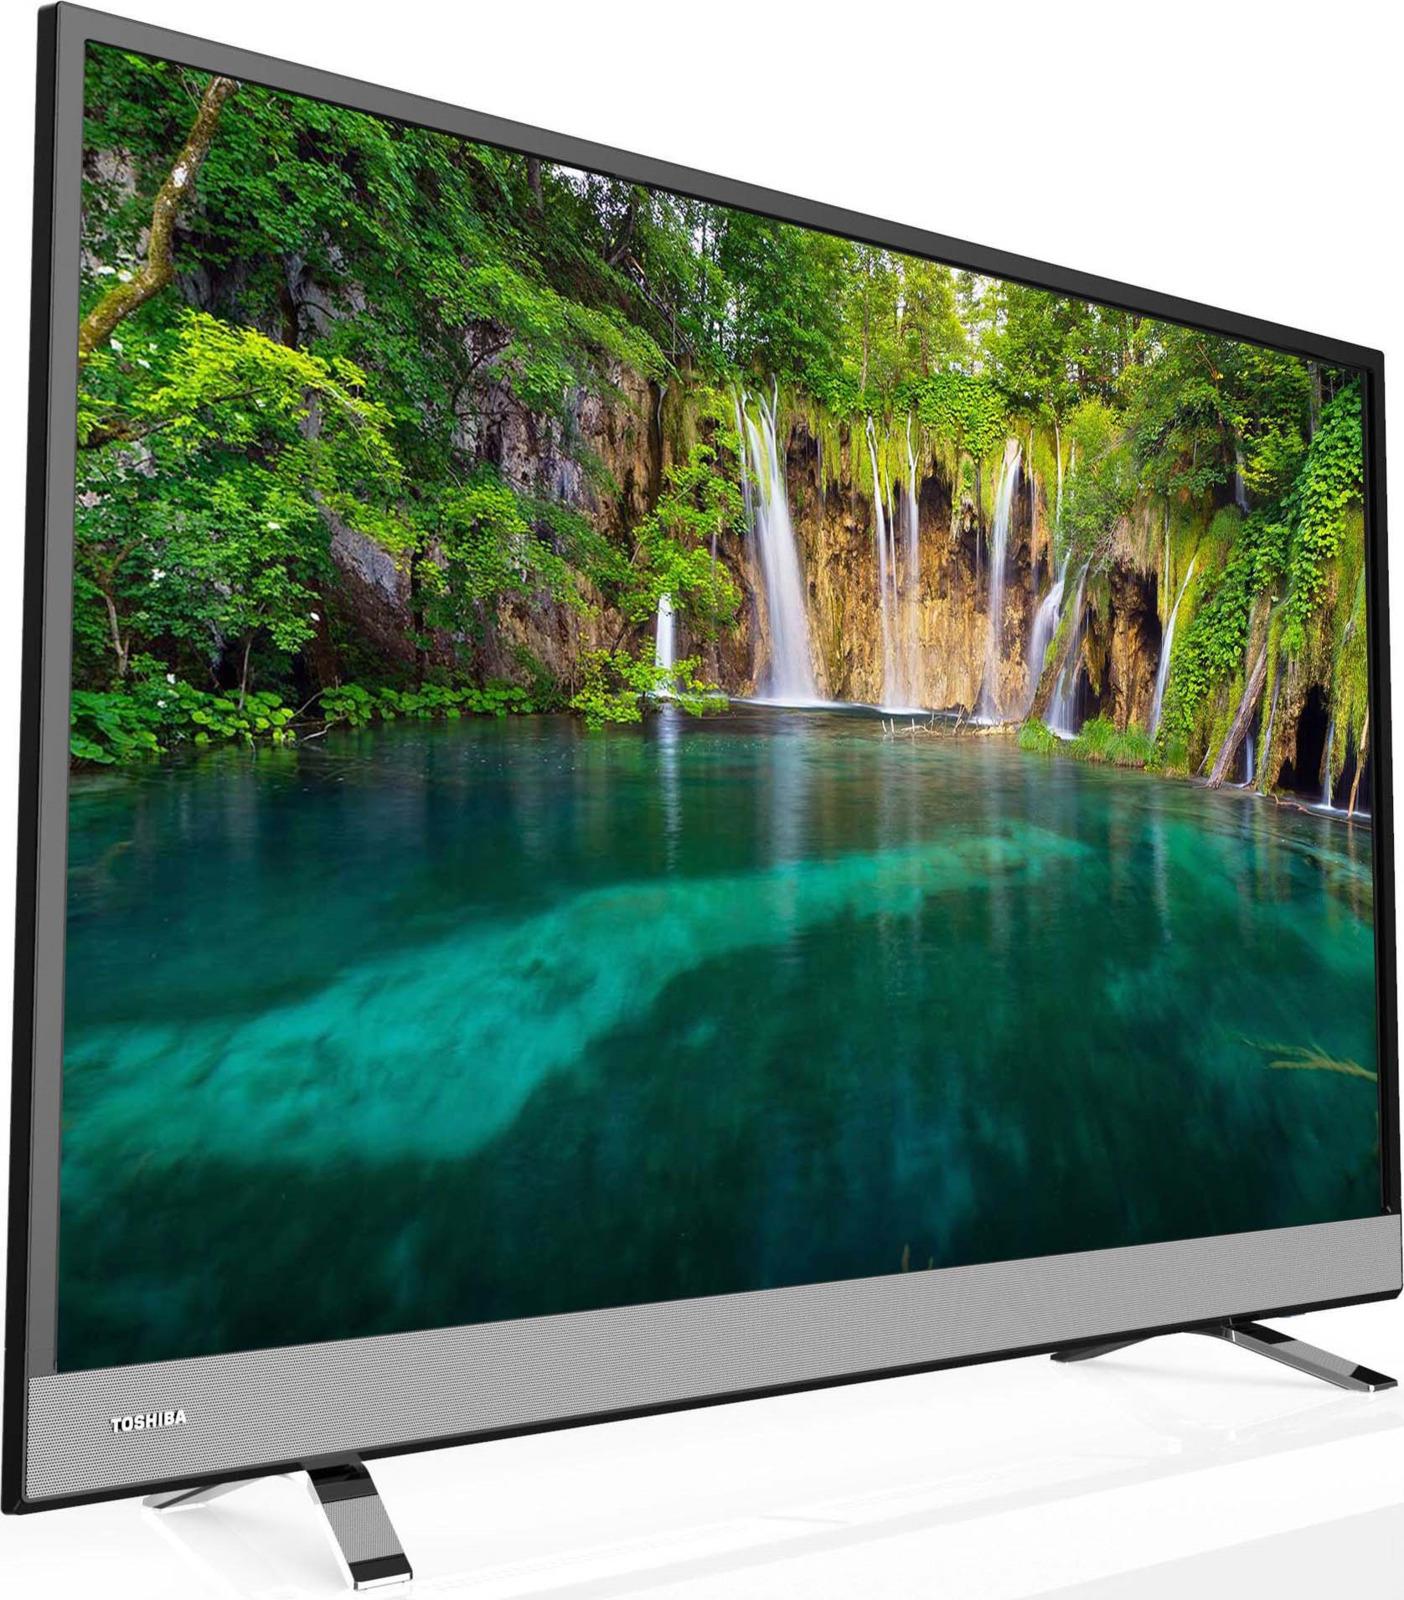 лучшая цена Телевизор Toshiba 32L5780EC 32